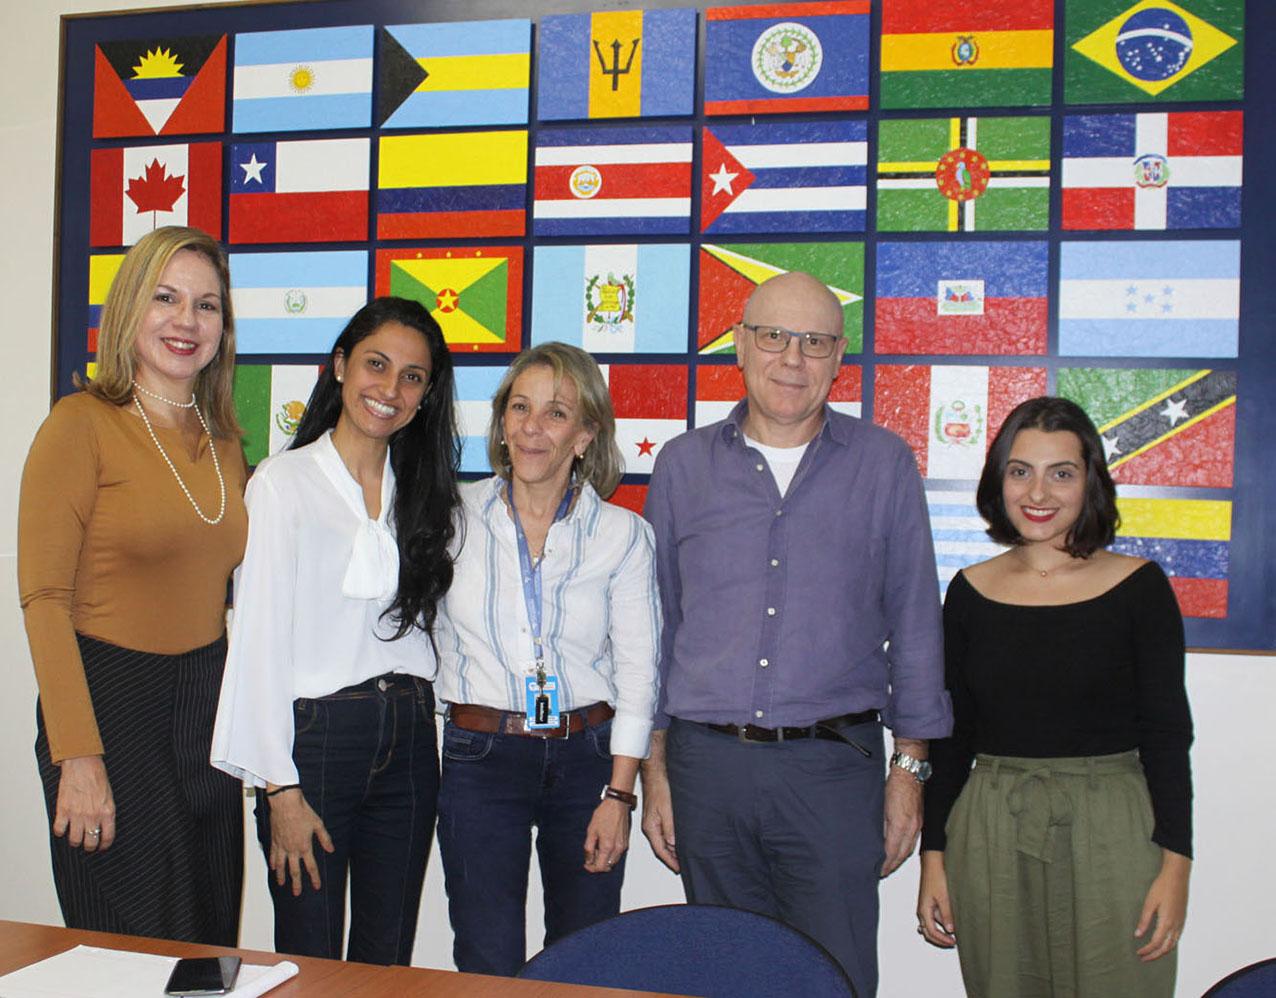 Centro da ONU recebe visita de especialistas de instituto de informação científica da FIOCRUZ